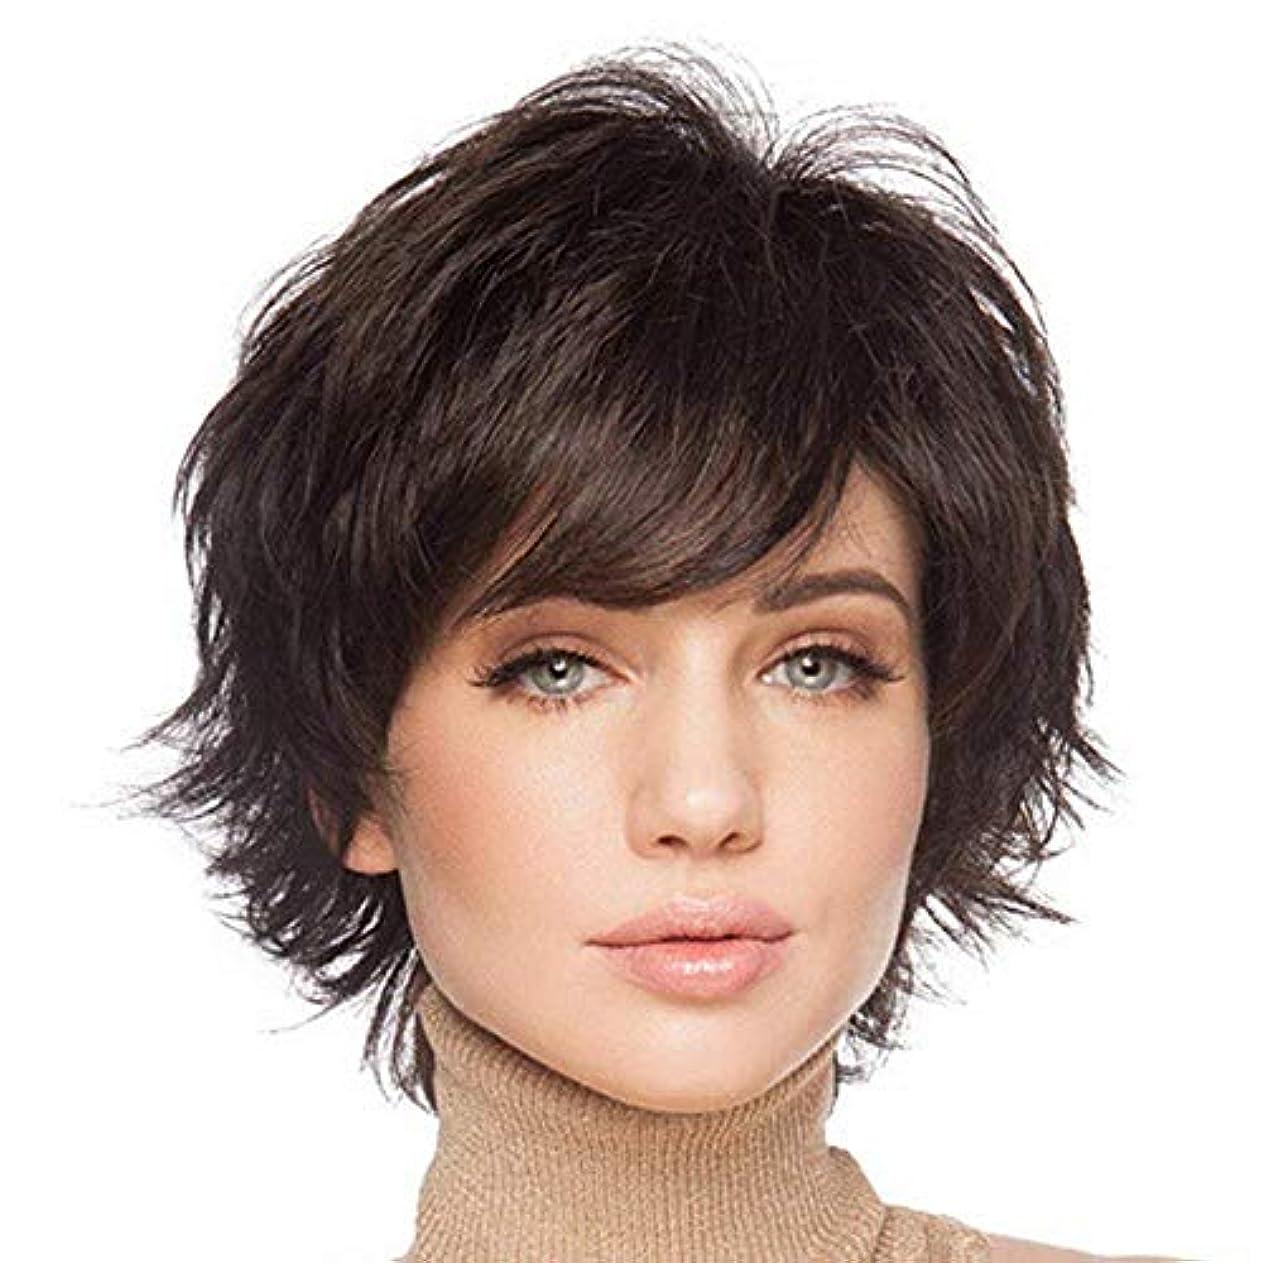 フライト一見ツール前髪の自然な人間の髪の毛のかつらを持つ女性のためのHAIRCUBEショートヘアウィッグ